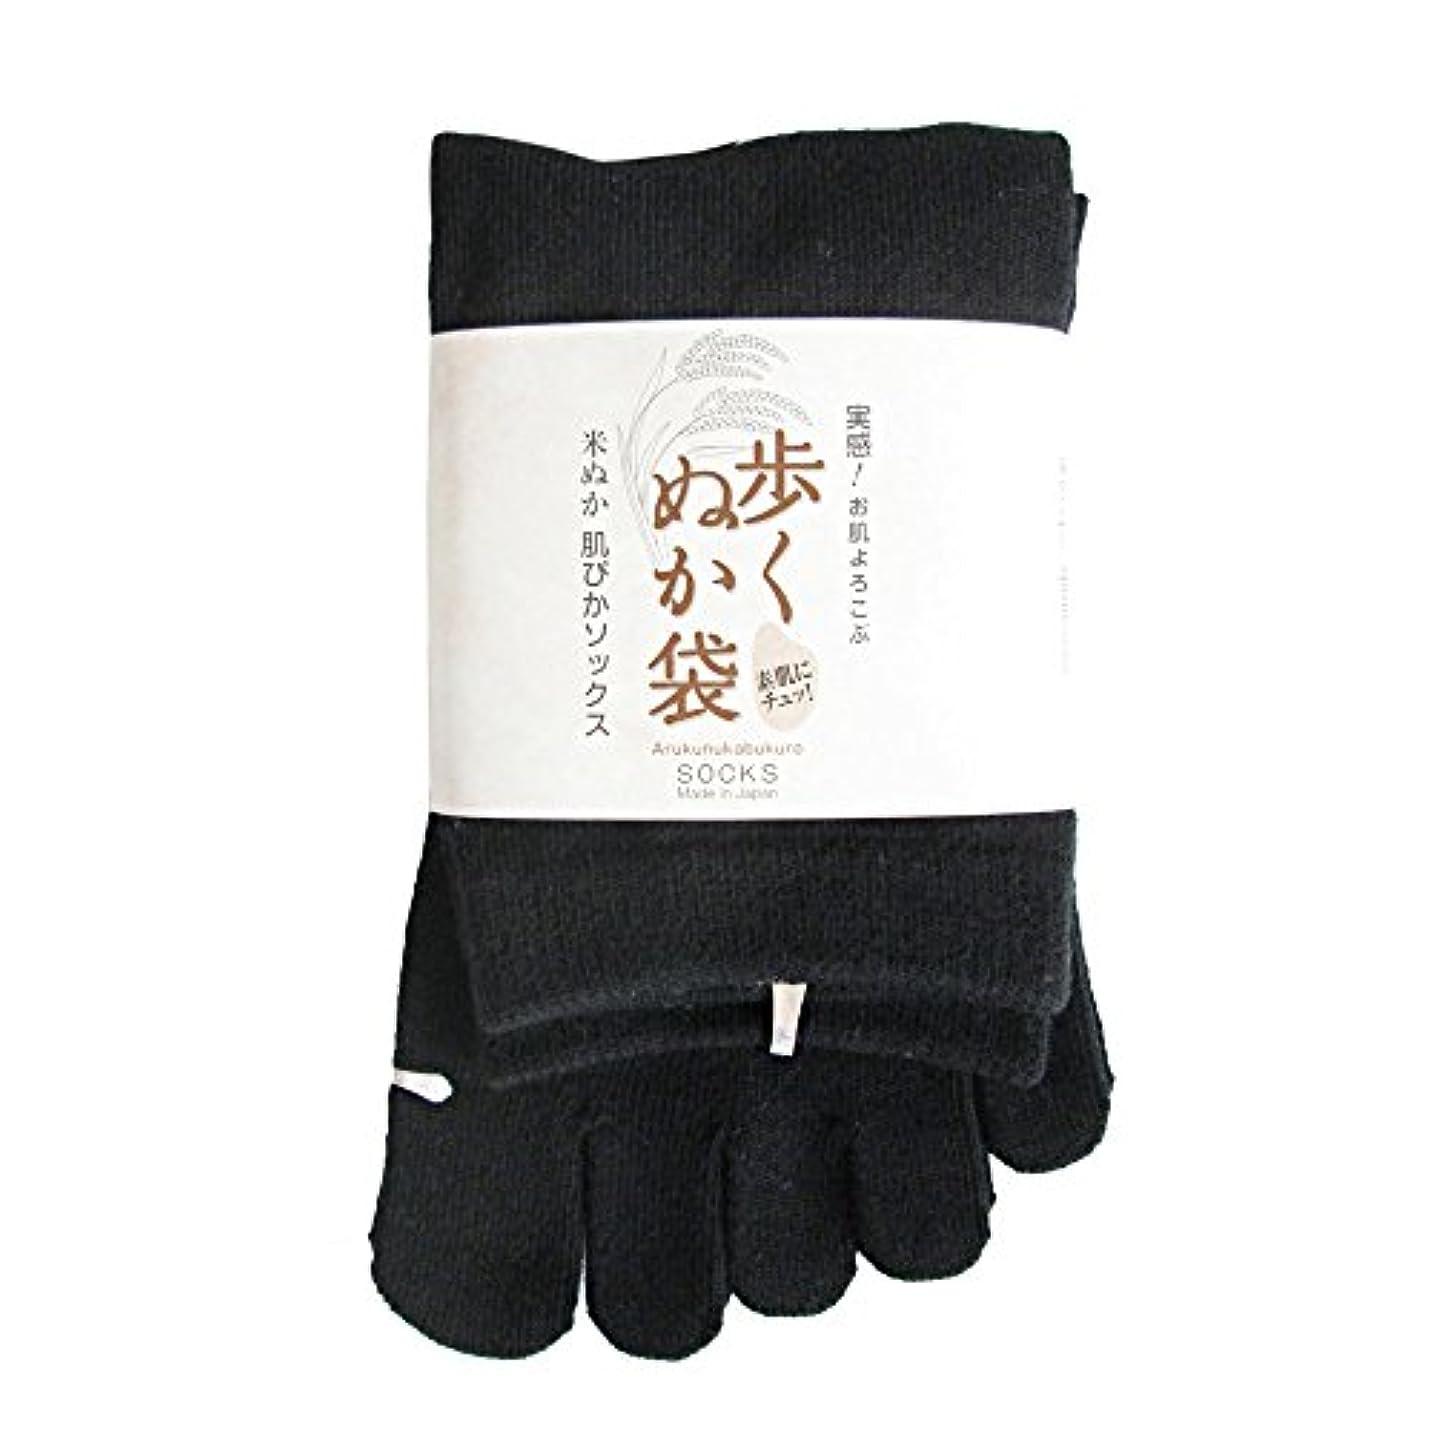 難しい旅行換気歩くぬか袋 米ぬかシリコン五本指 23-25cm ブラック